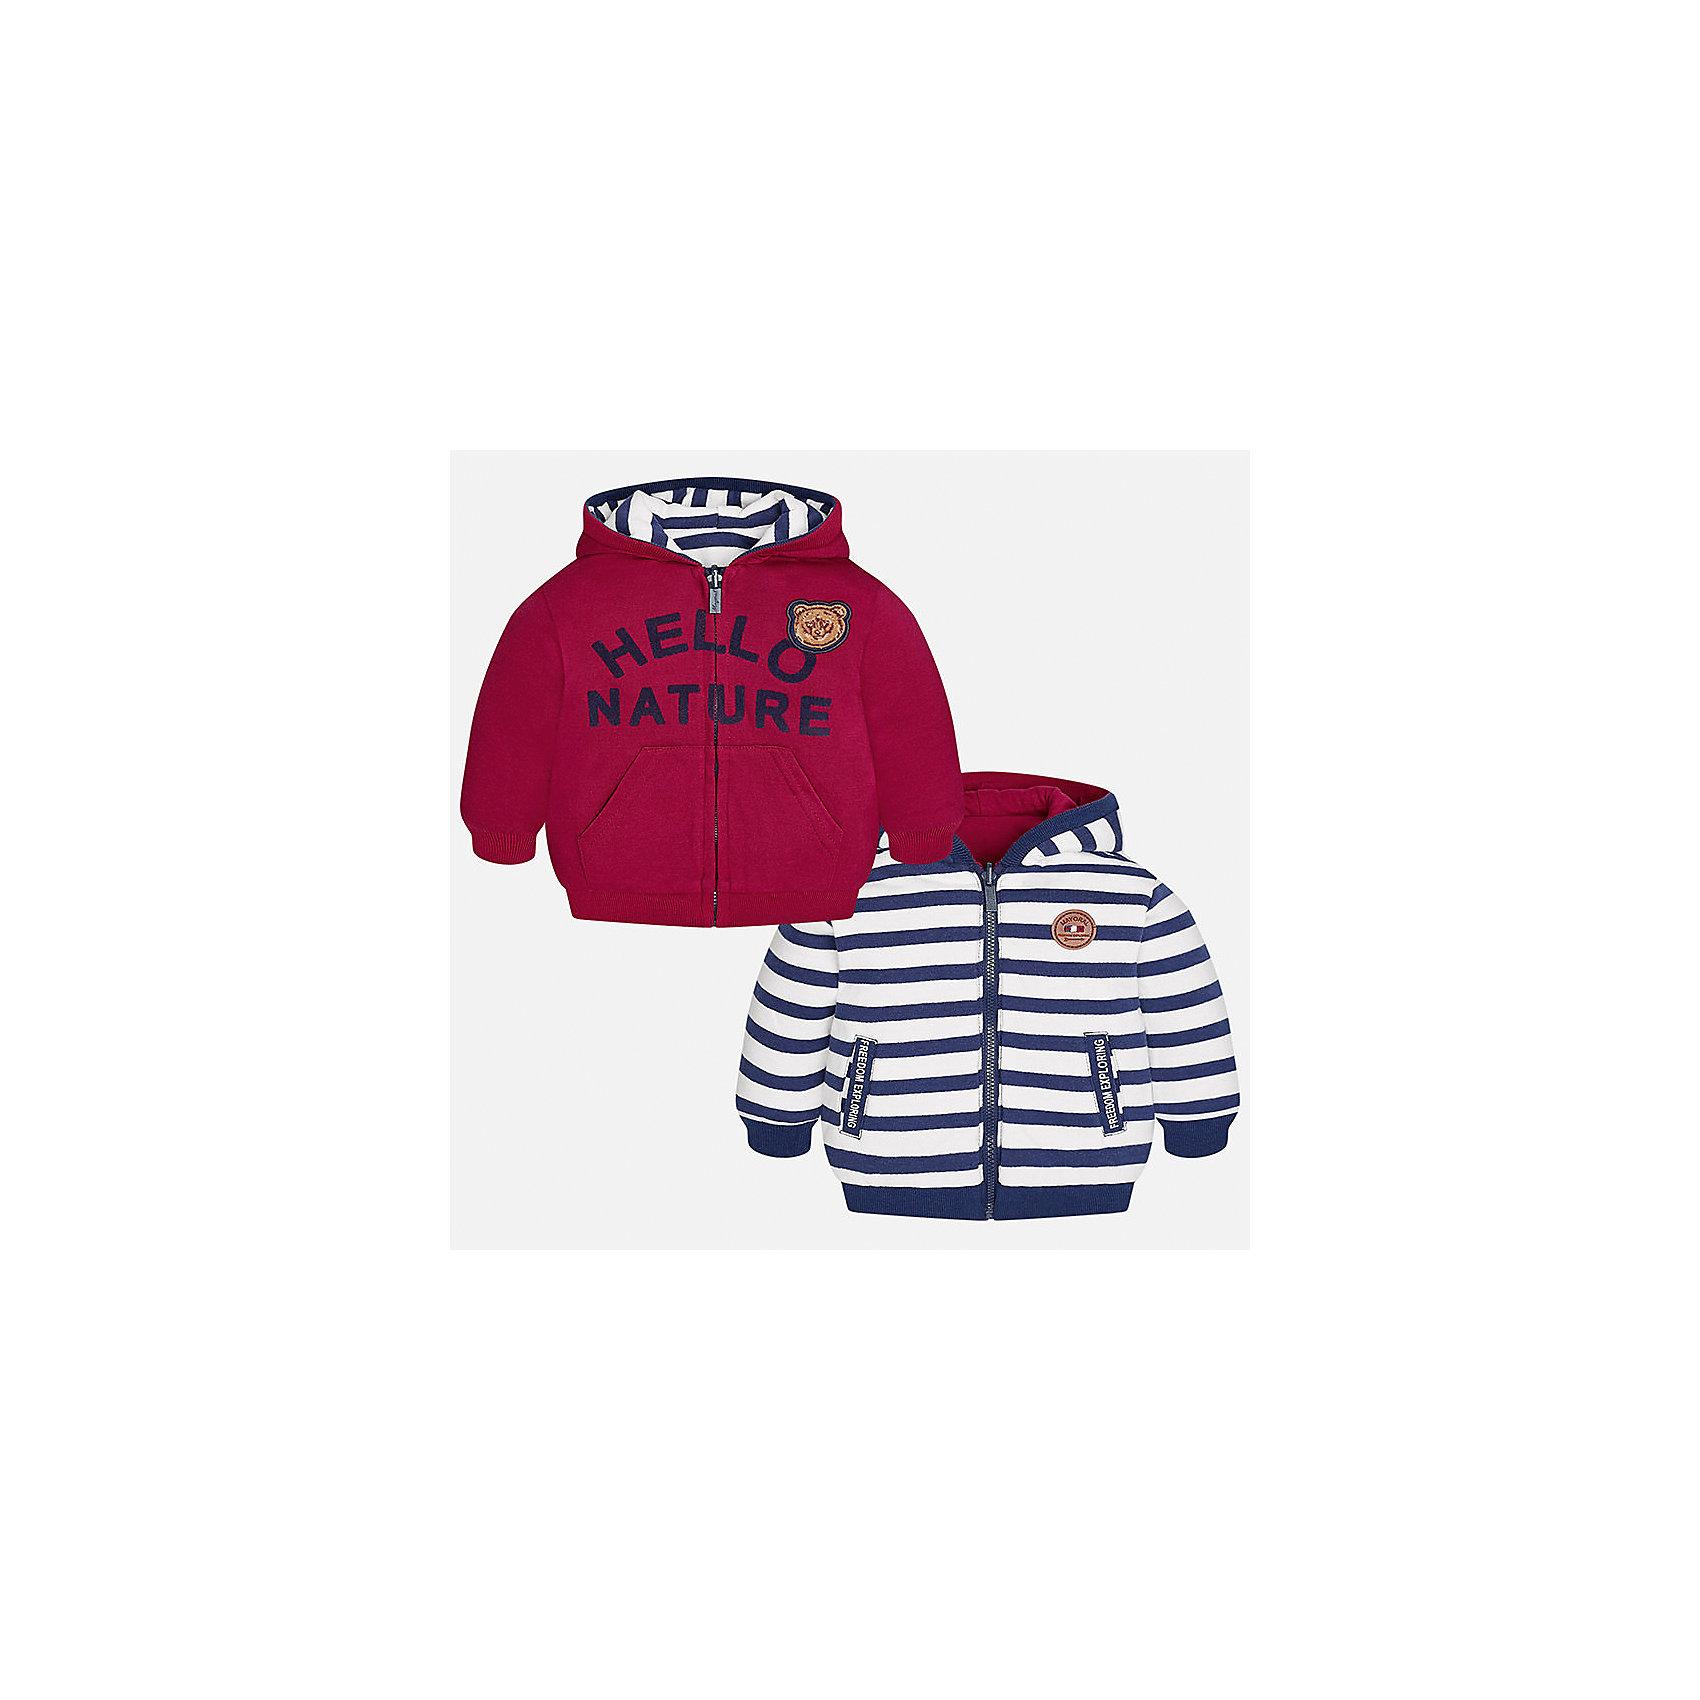 Куртка для мальчика MayoralВерхняя одежда<br>Характеристики товара:<br><br>• цвет: красный/синий/белый<br>• состав ткани: 65% хлопок, 35% полиэстер<br>• сезон: демисезон<br>• температурный режим: от +5 до +20<br>• особенности куртки: с капюшоном, двусторонняя<br>• капюшон: несъемный<br>• застежка: молния<br>• страна бренда: Испания<br>• страна изготовитель: Индия<br><br>Двусторонняя детская куртка сшита из плотного на материала. Демисезонная куртка для мальчика Mayoral дополнена накладными карманами. Теплая куртка для ребенка отличается прямым силуэтом. Детская куртка обеспечит ребенку тепло и стильный внешний вид. <br><br>Куртку для мальчика Mayoral (Майорал) можно купить в нашем интернет-магазине.<br><br>Ширина мм: 356<br>Глубина мм: 10<br>Высота мм: 245<br>Вес г: 519<br>Цвет: синий/красный<br>Возраст от месяцев: 6<br>Возраст до месяцев: 9<br>Пол: Мужской<br>Возраст: Детский<br>Размер: 74,98,92,86,80<br>SKU: 6935290